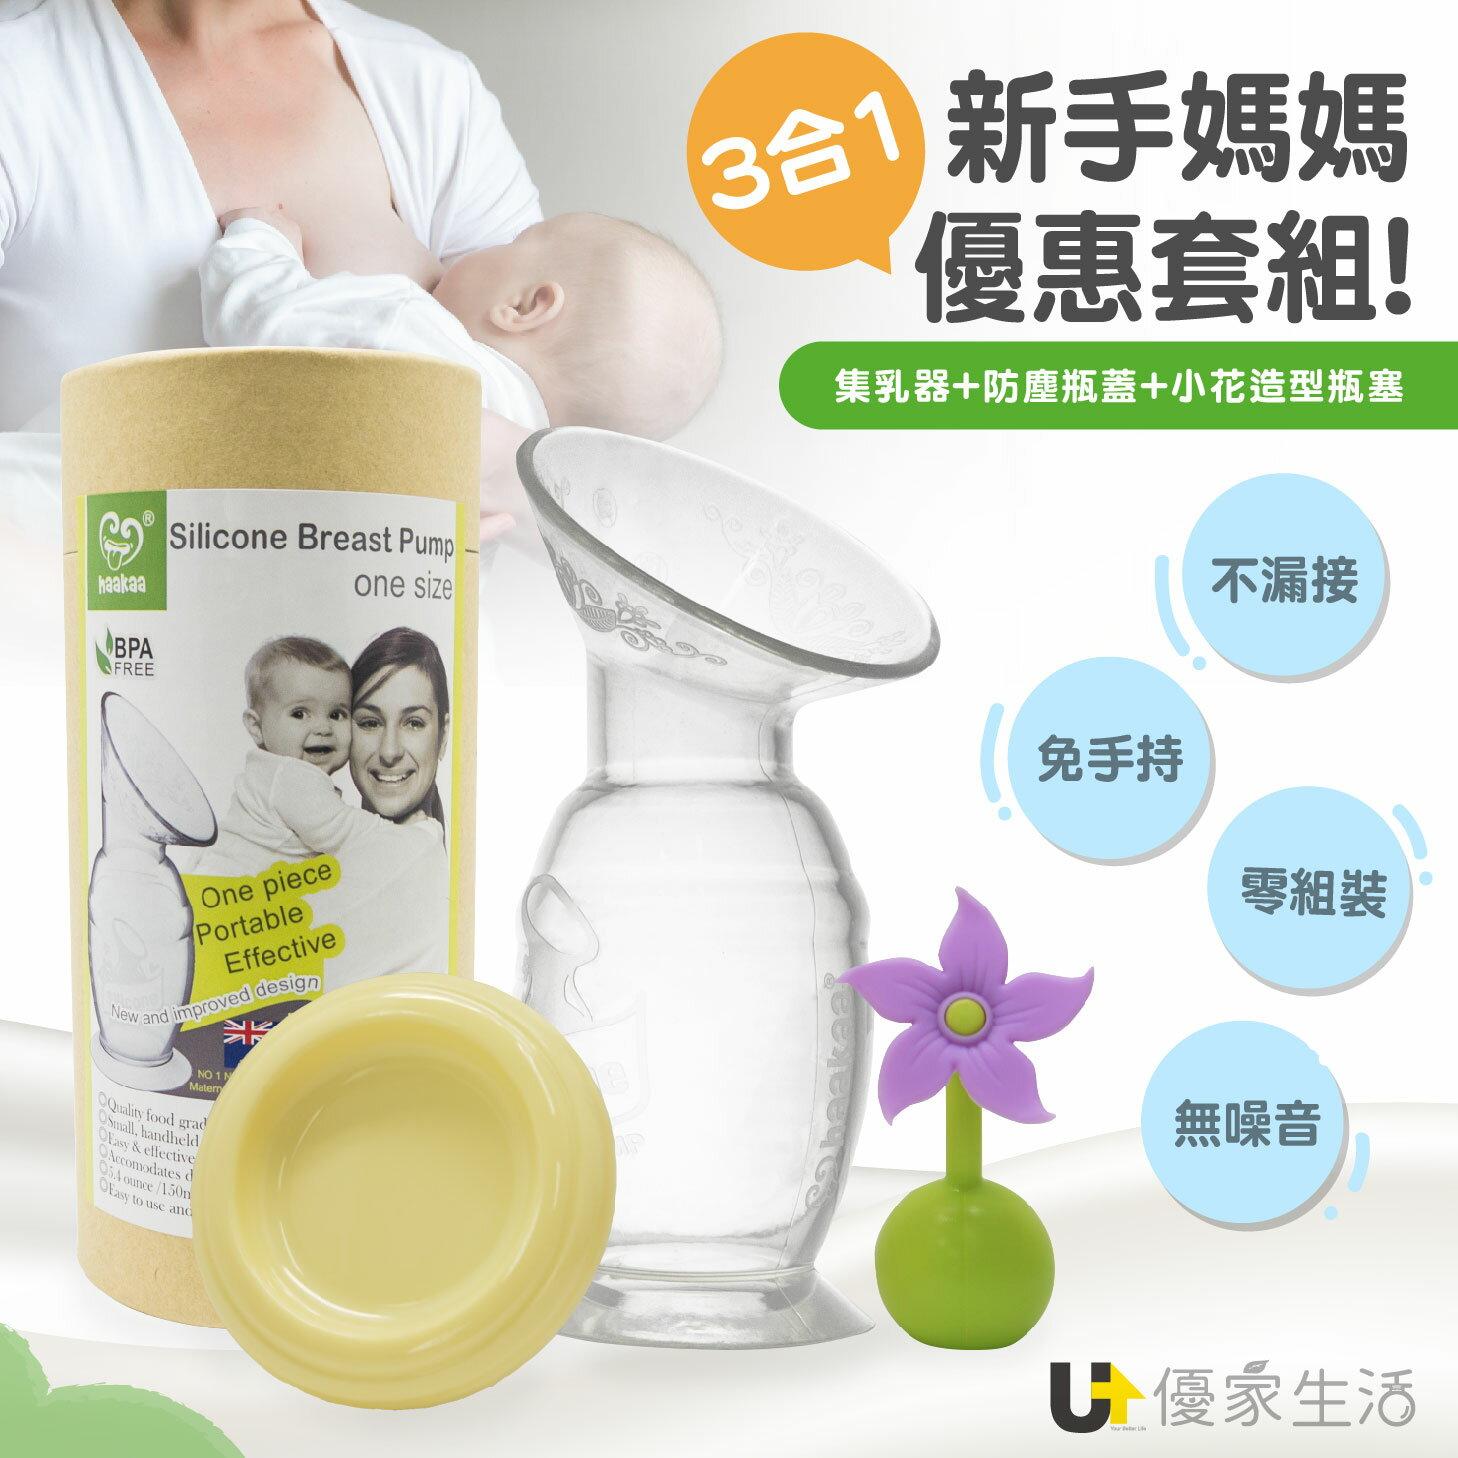 紐西蘭HaaKaa第二代真空吸力集乳器150ml(含小花瓶塞+防塵瓶蓋)新手媽媽實用組